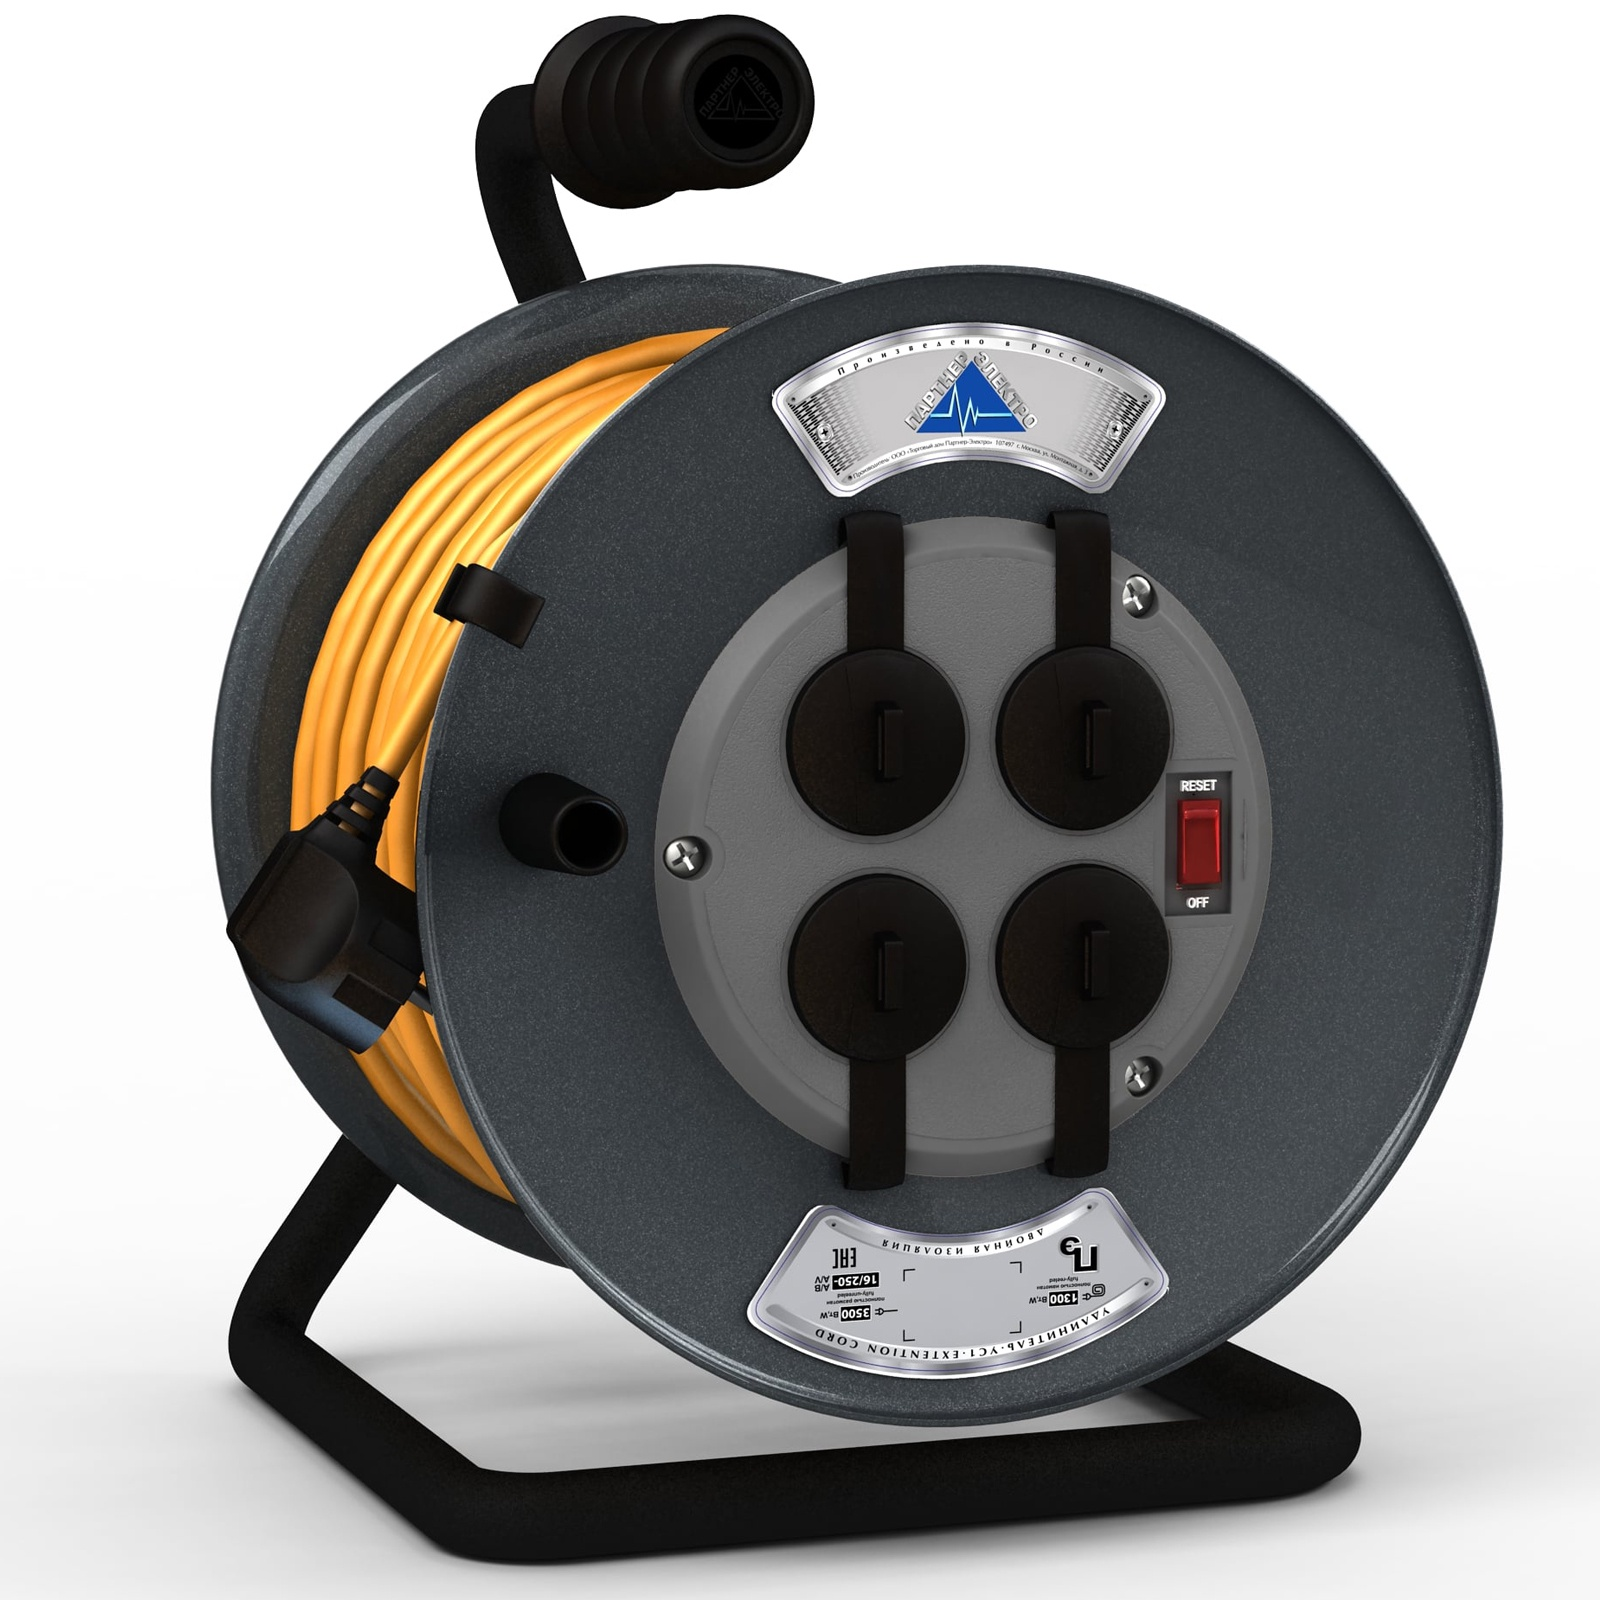 Удлинитель Партнер-Электро ПВС 3х1,5 ГОСТ,4 гнезда,на металлической катушке,16A,30метров,IP 44, с выключателем., оранжевый